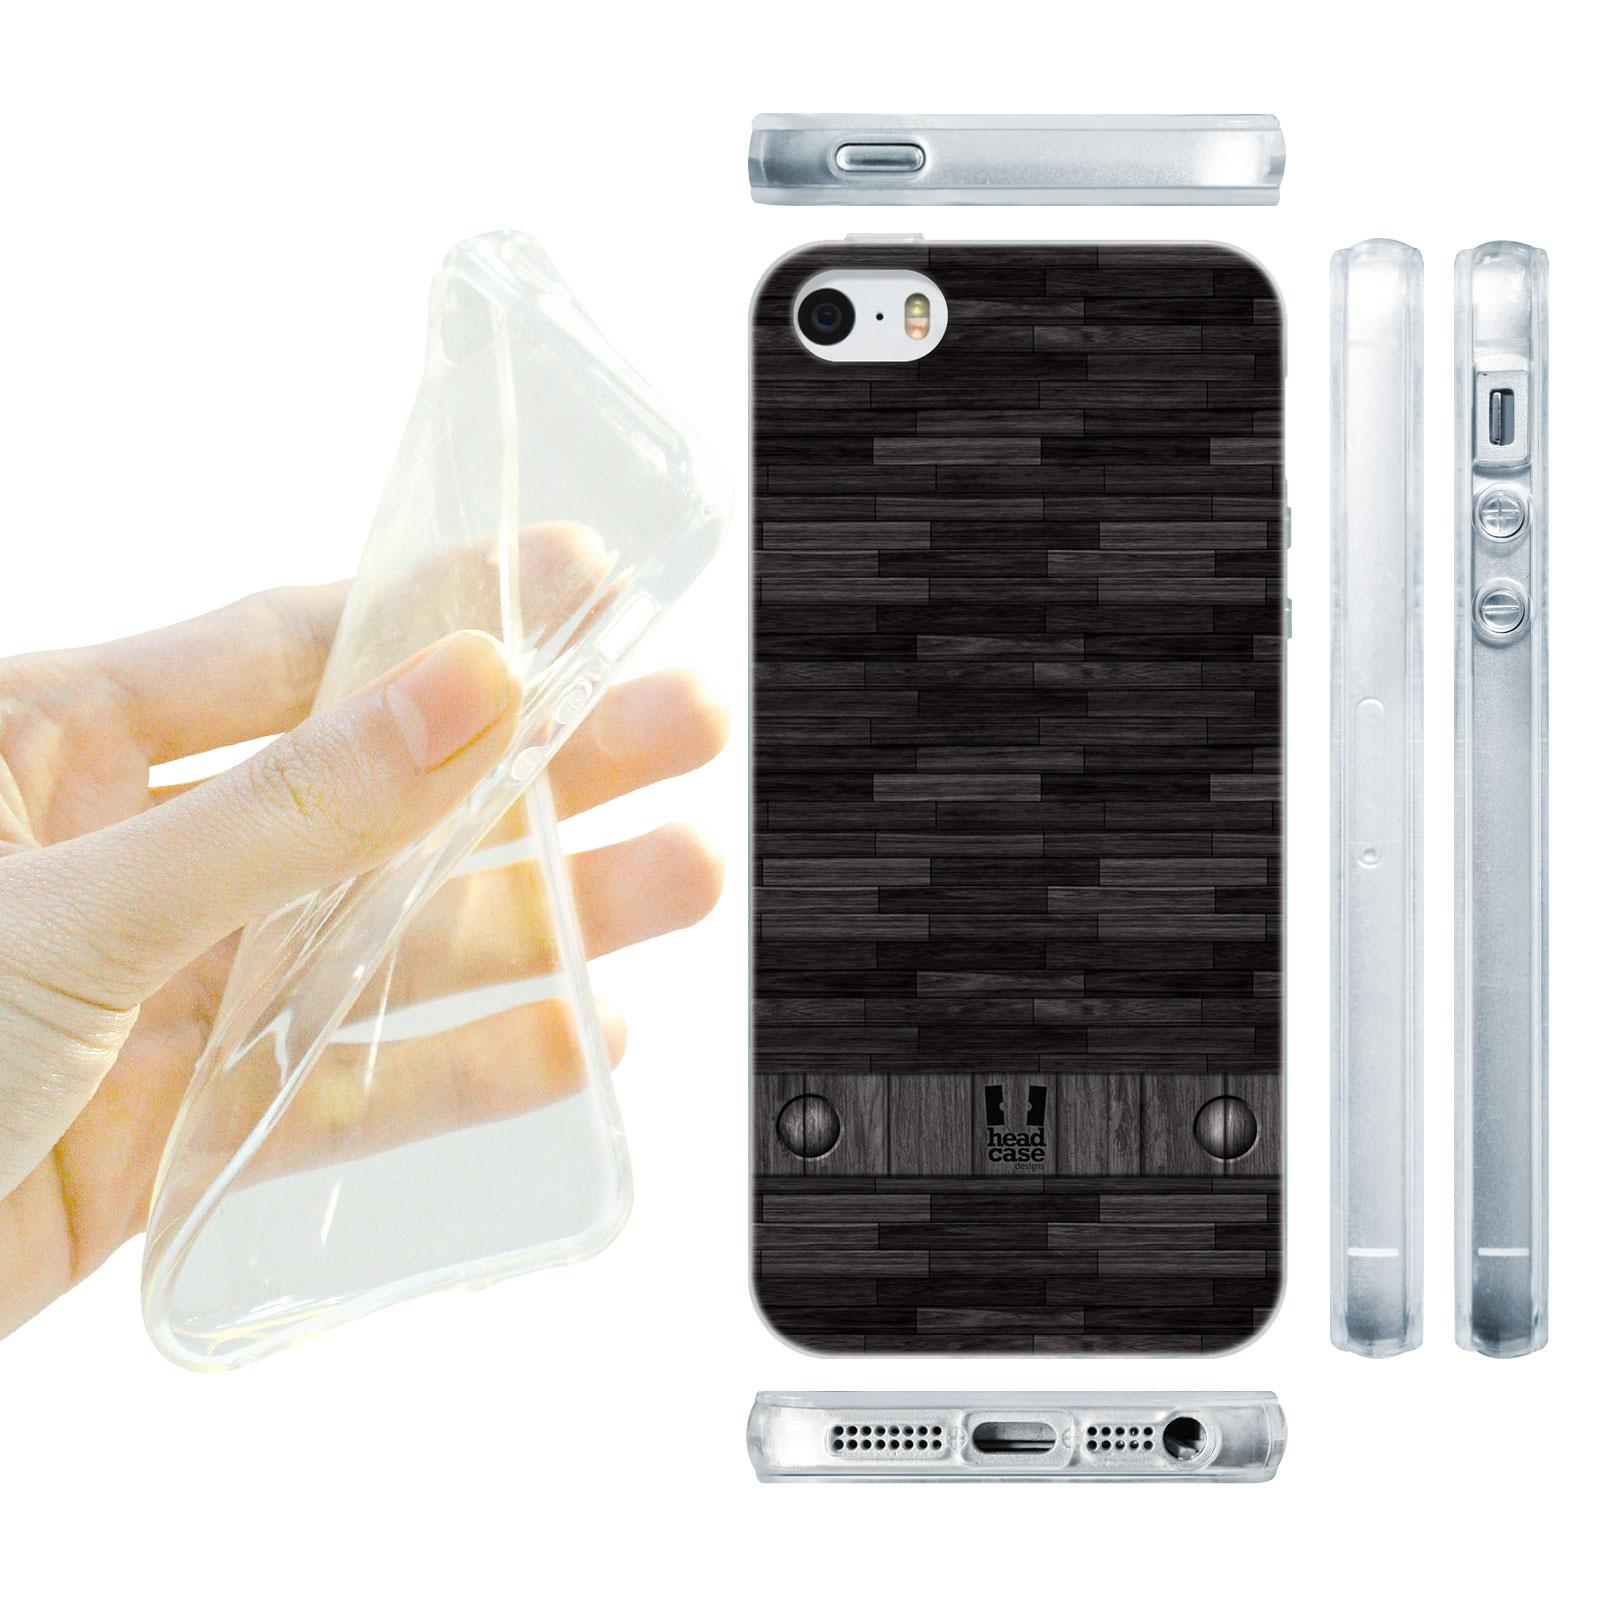 HEAD CASE silikonový obal na mobil Iphone 5/5S imitace dřevo černá barva